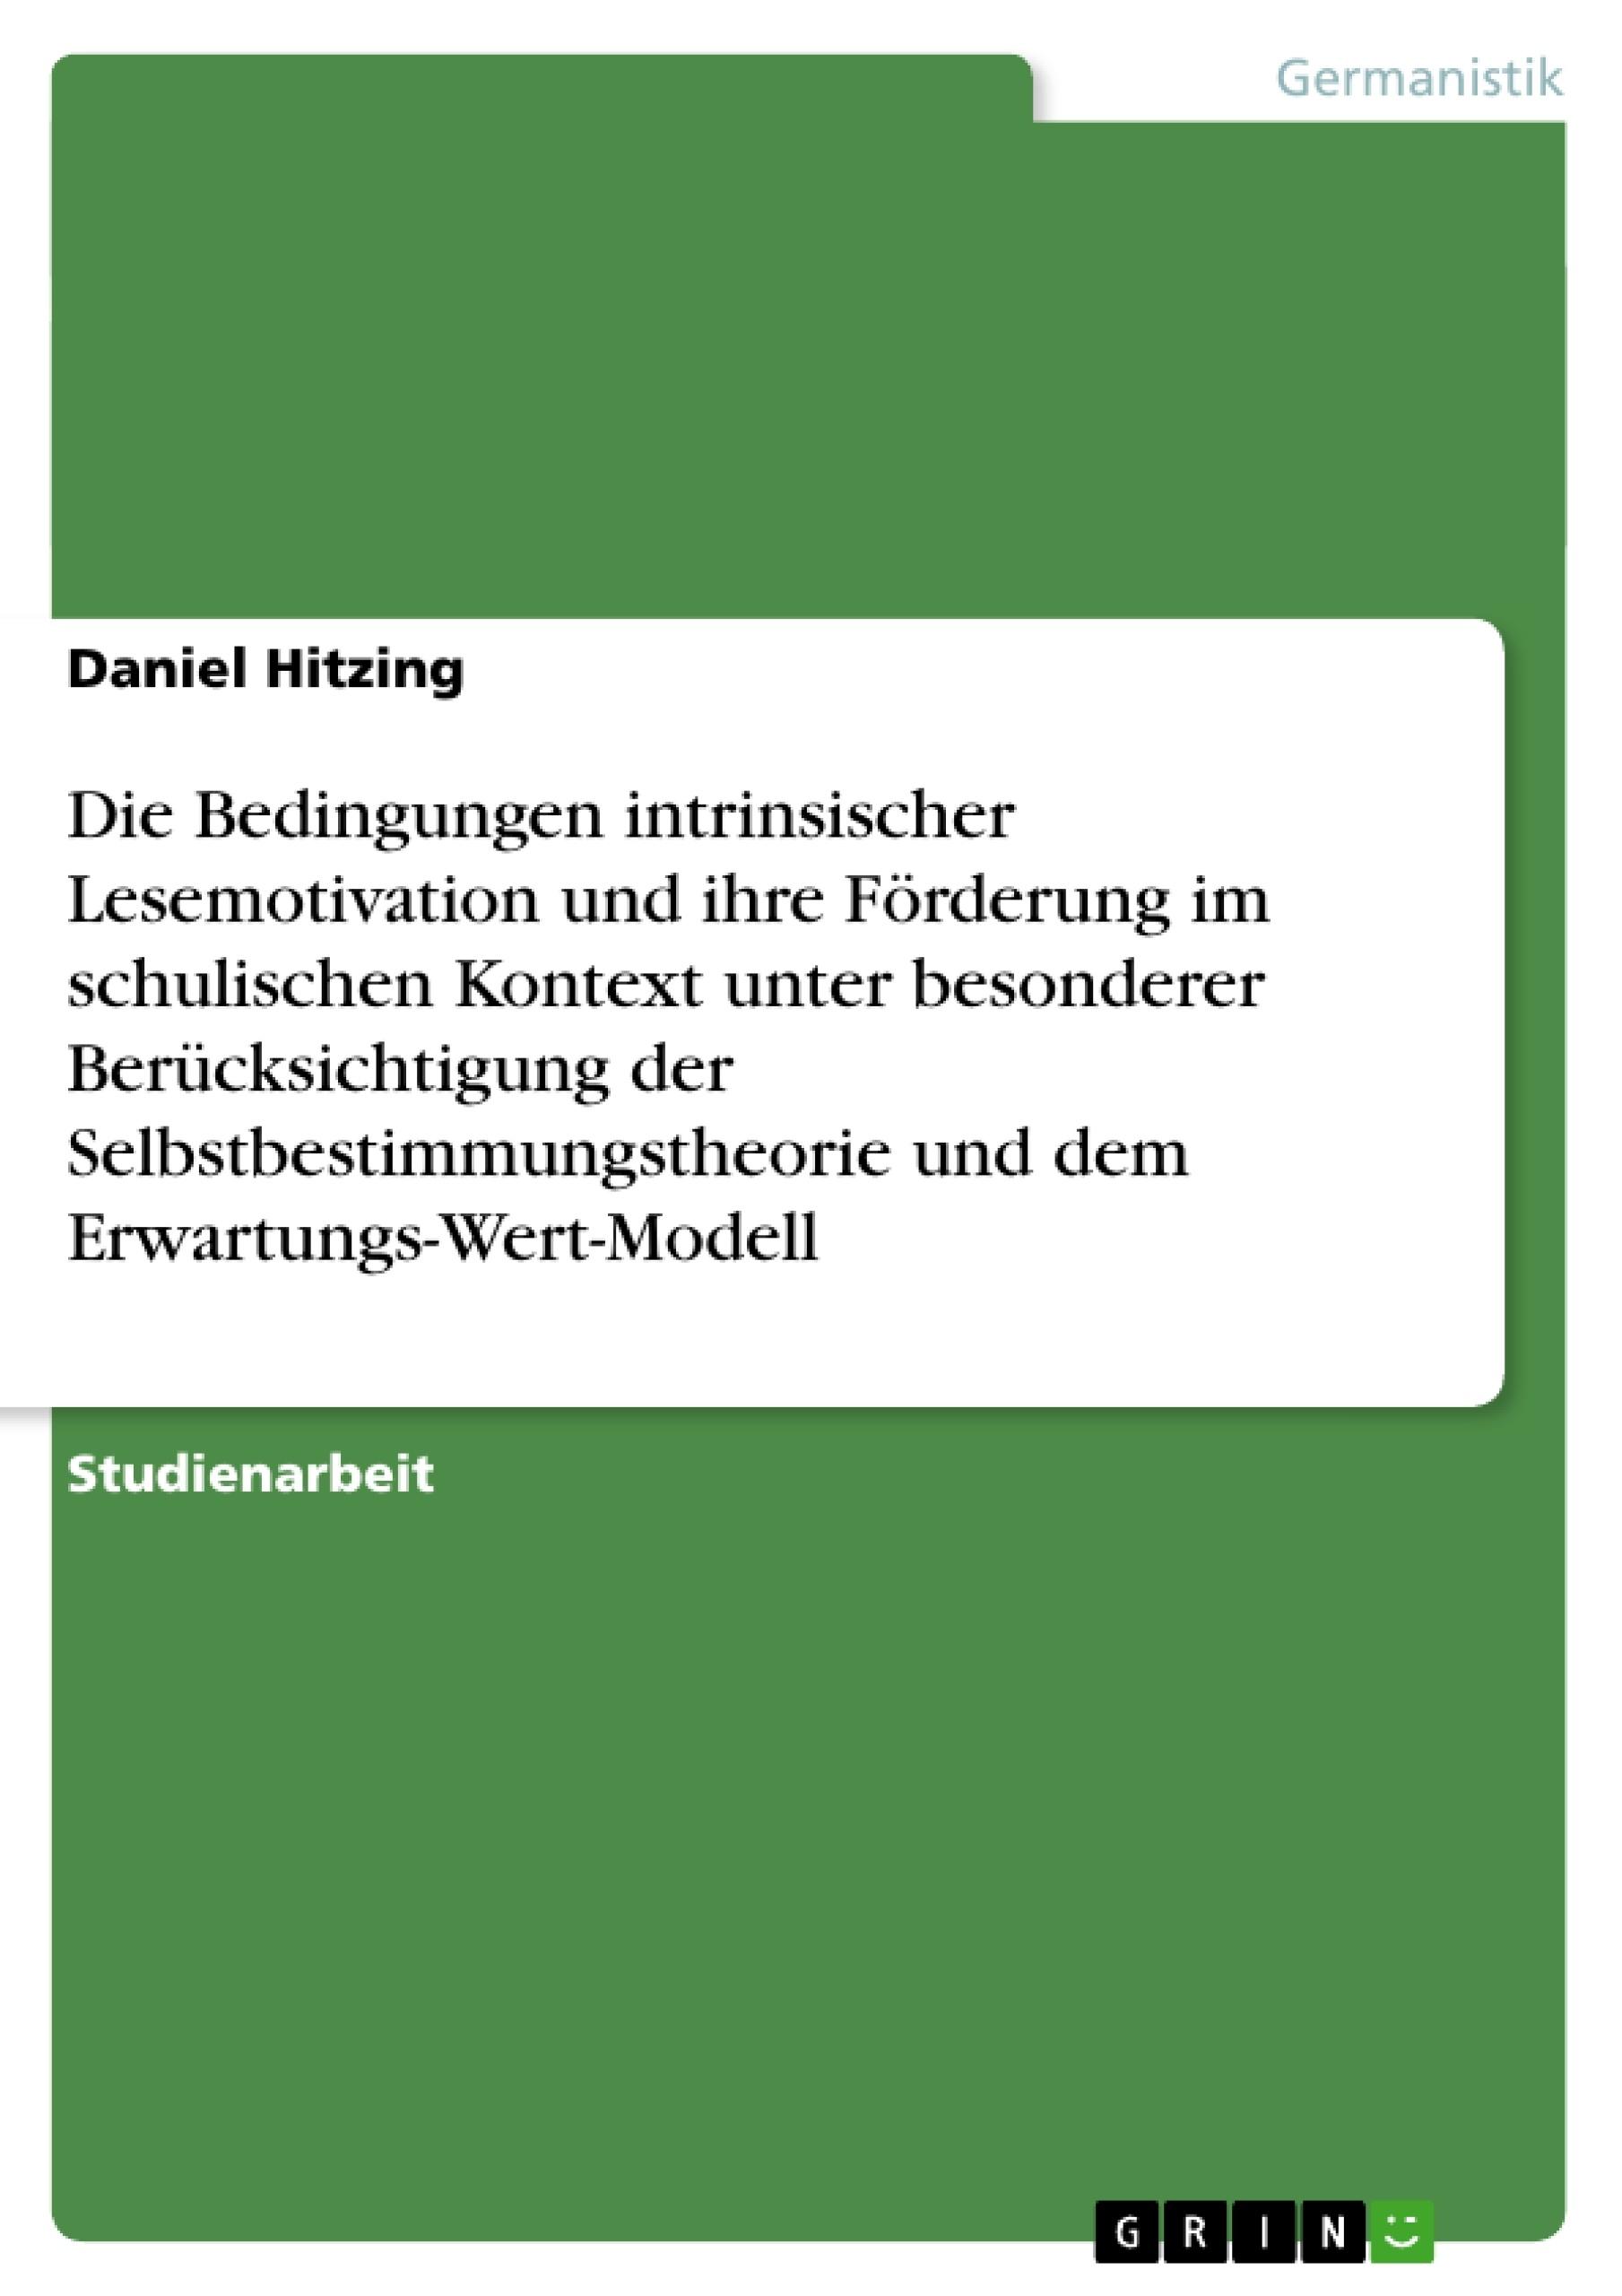 Titel: Die Bedingungen intrinsischer Lesemotivation und ihre Förderung im schulischen Kontext unter besonderer Berücksichtigung  der Selbstbestimmungstheorie und  dem Erwartungs-Wert-Modell